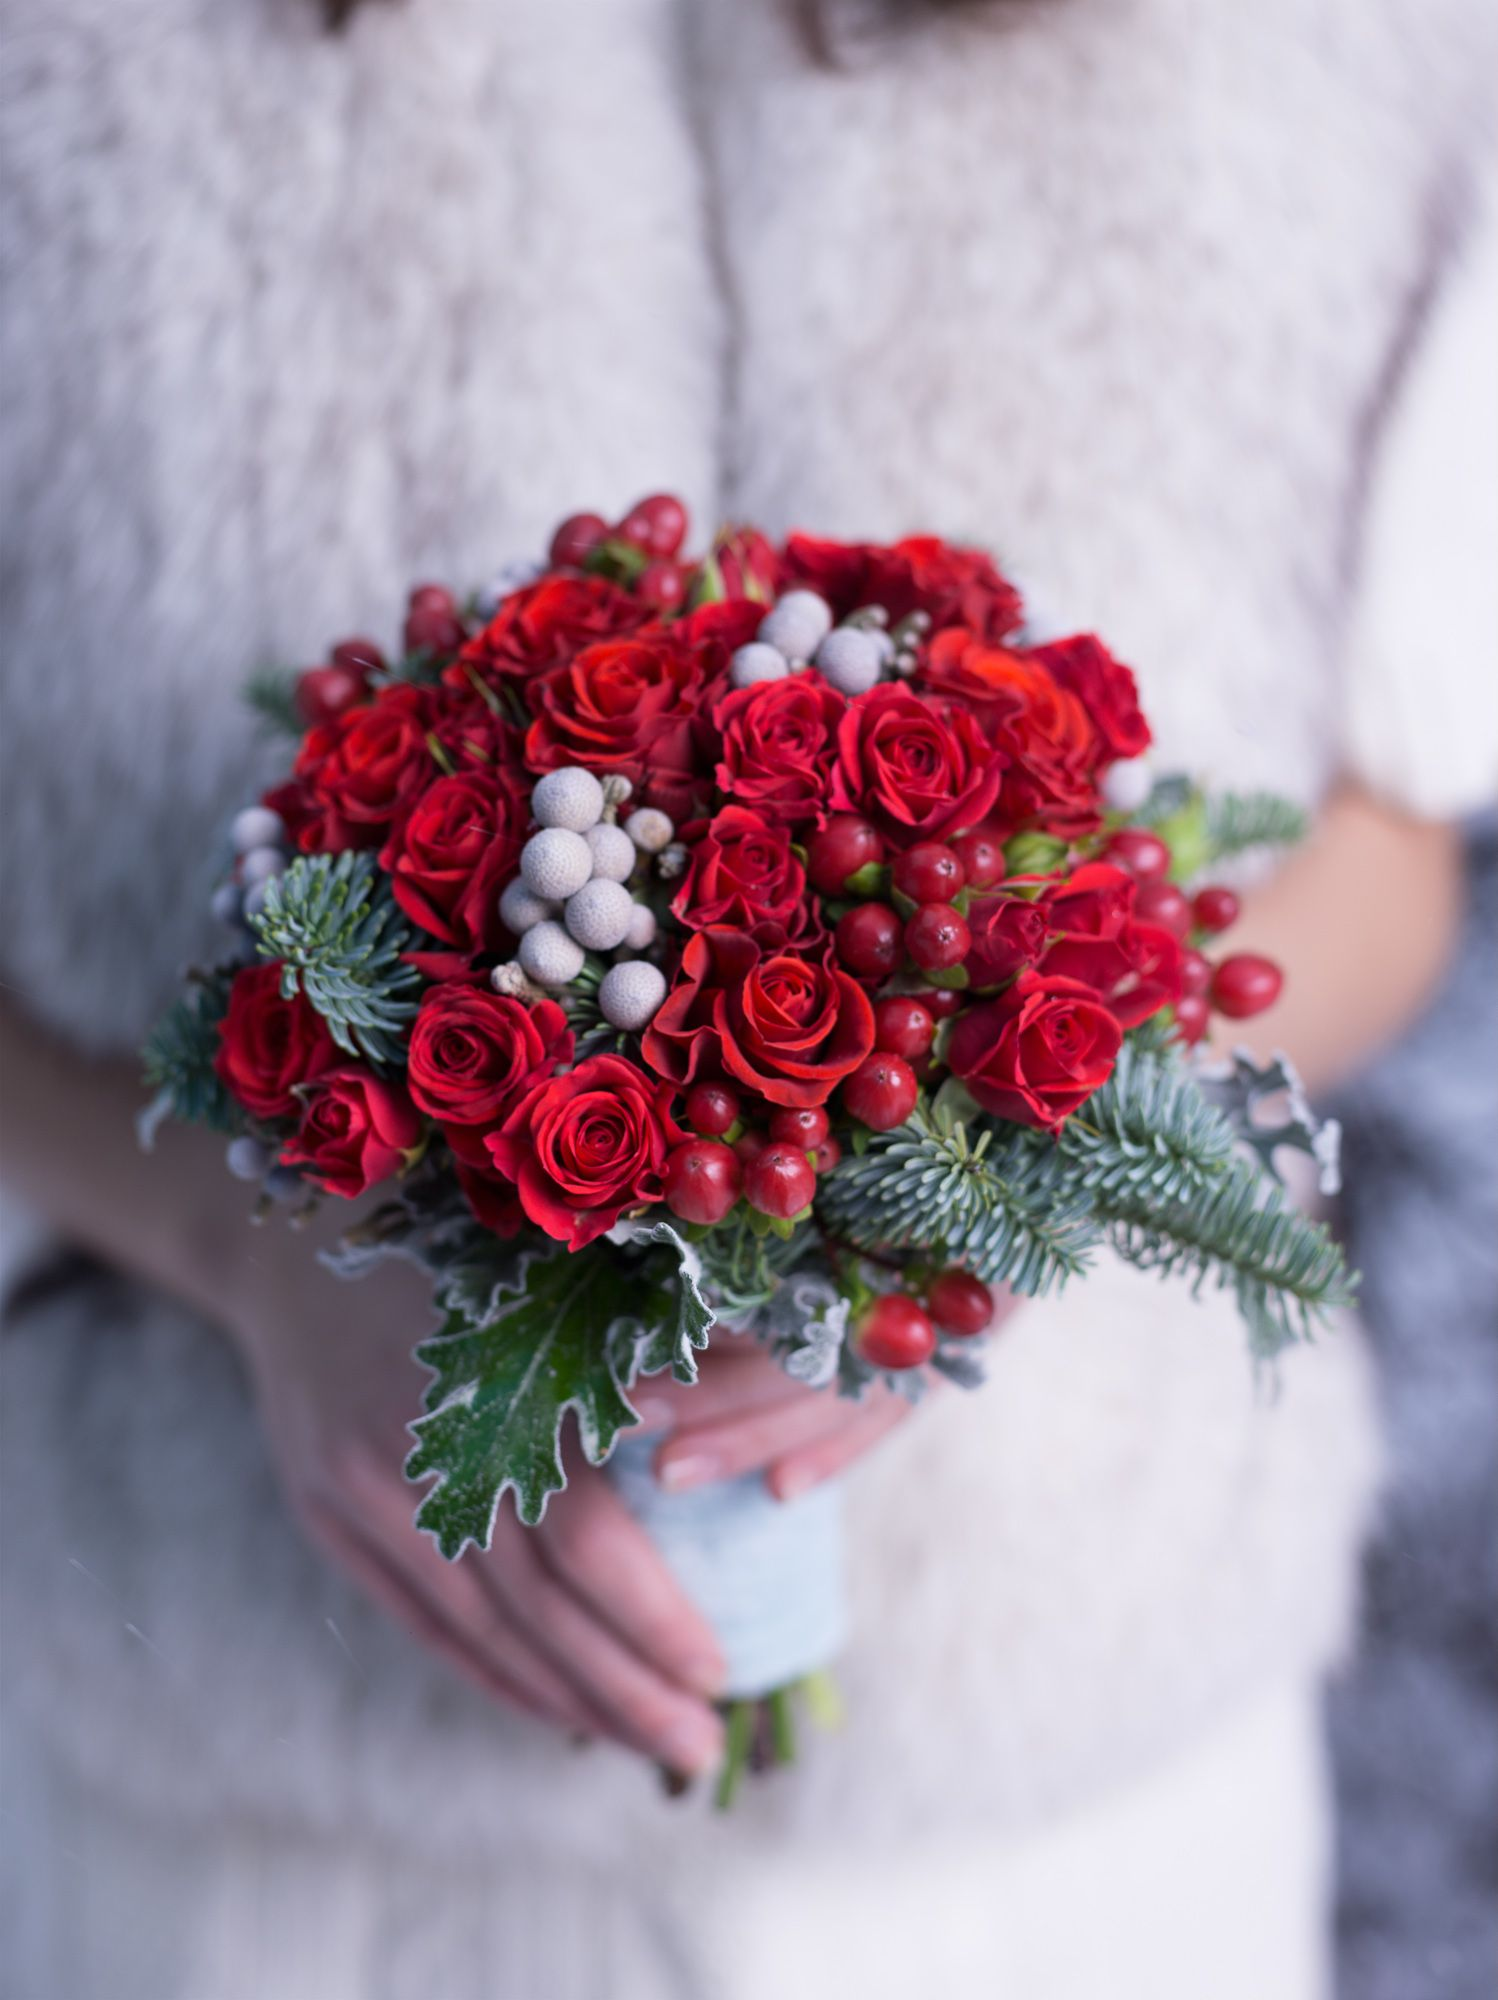 Красный цветы для свадебного букета названия